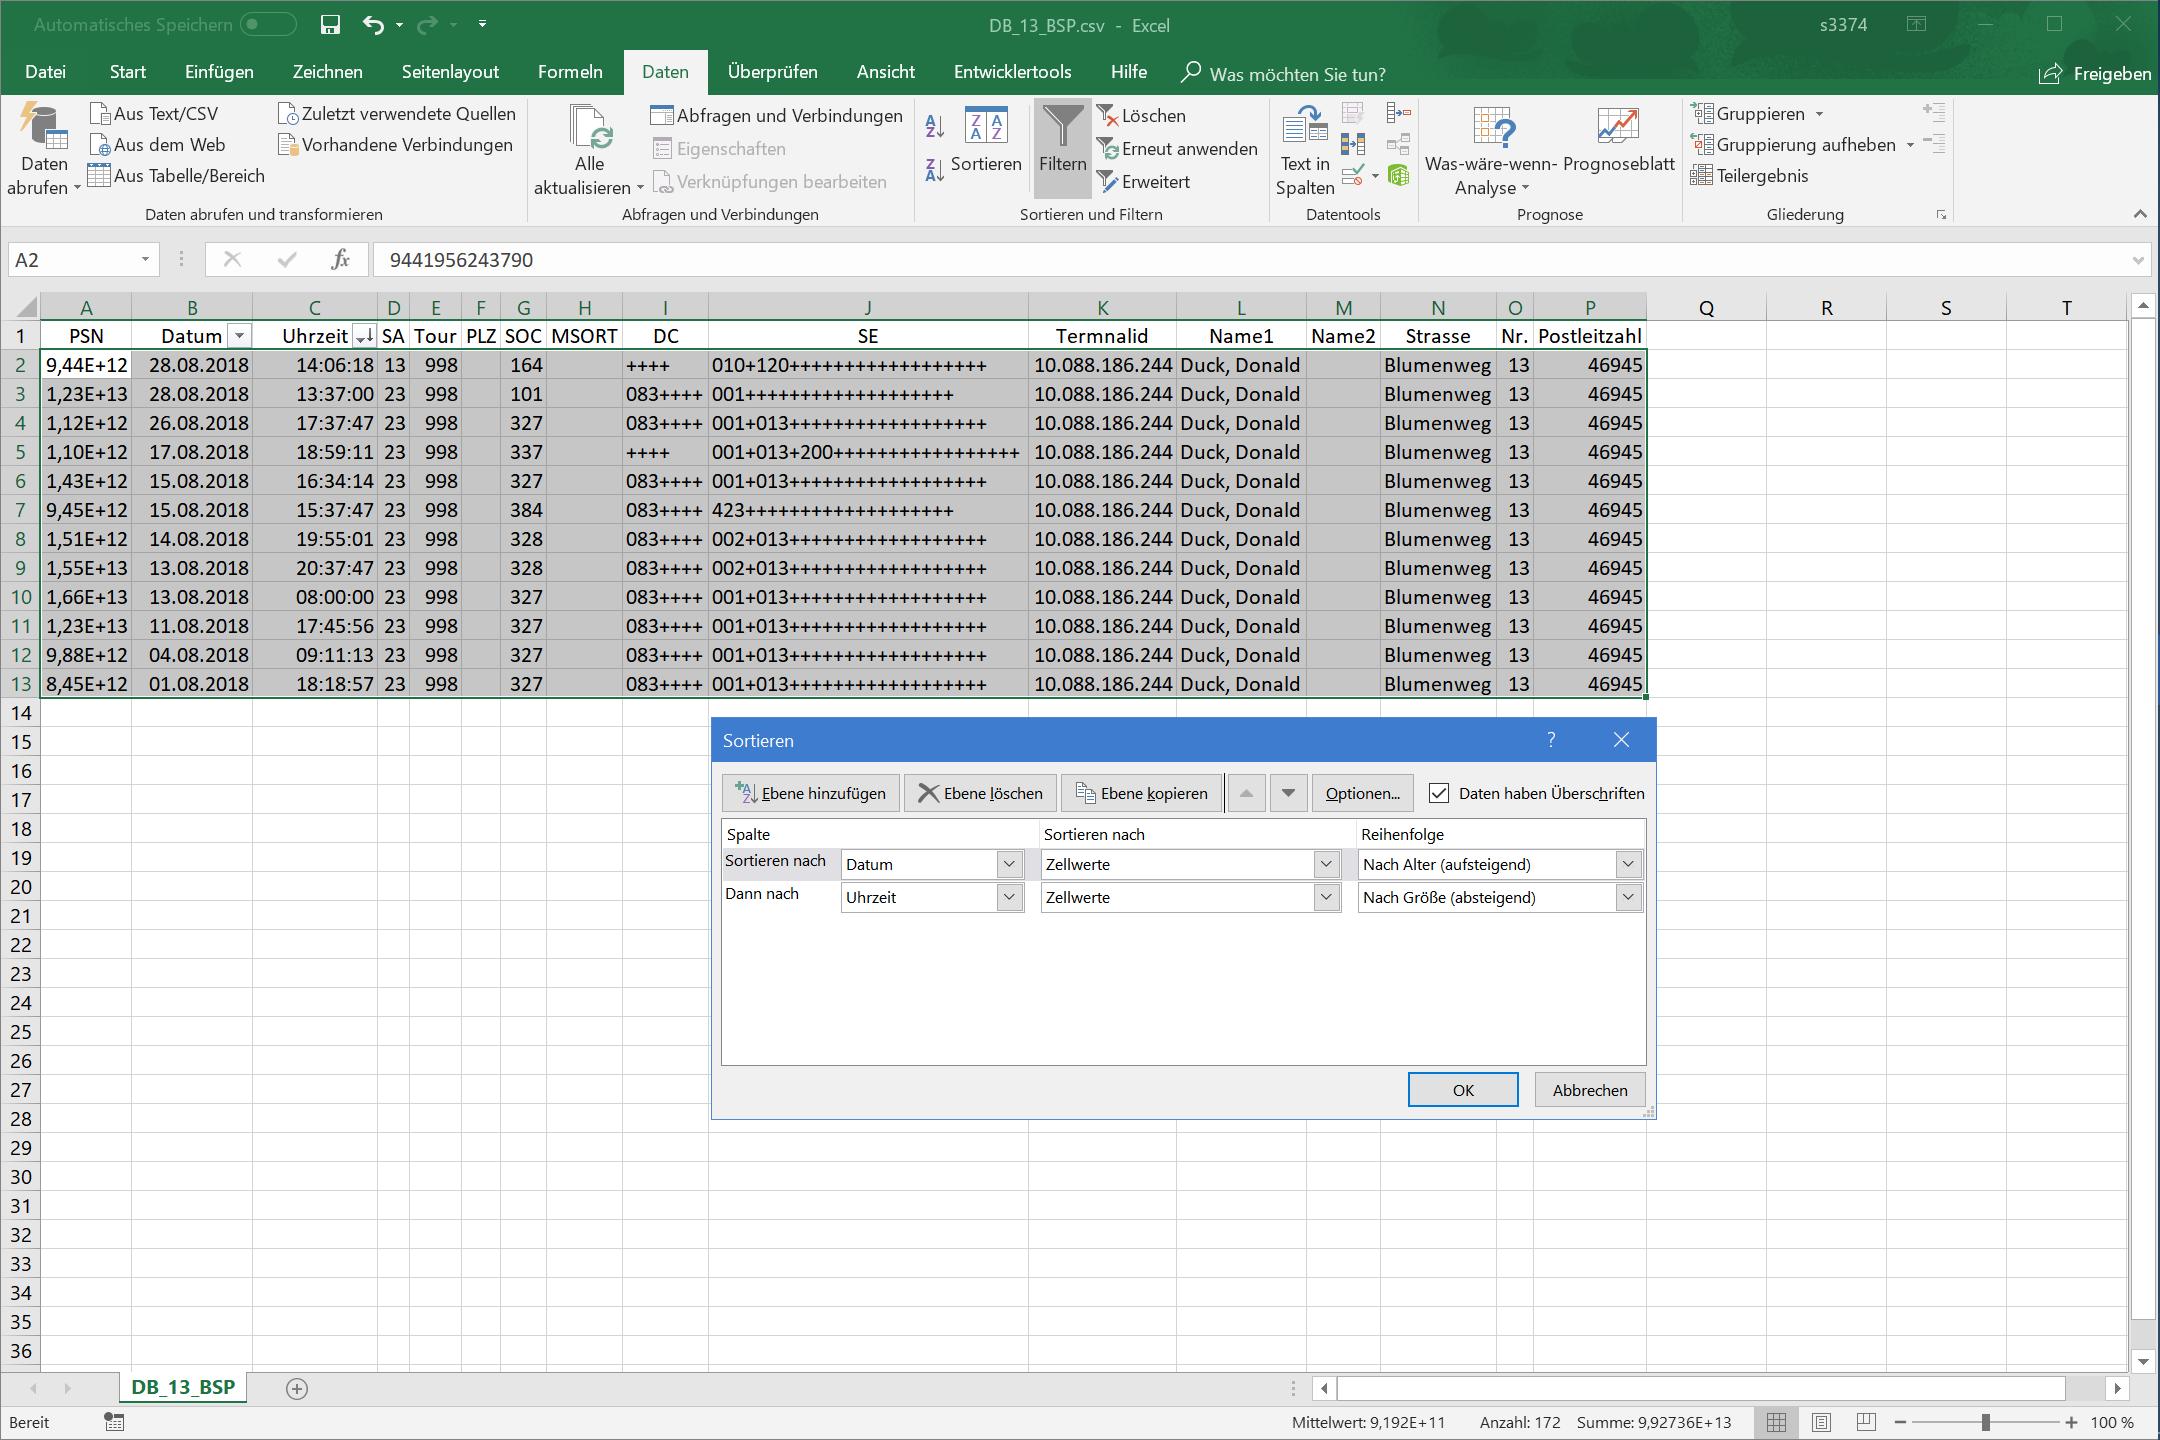 Office365 mehrere CSV zusammenführen mit VBA | ComputerBase Forum